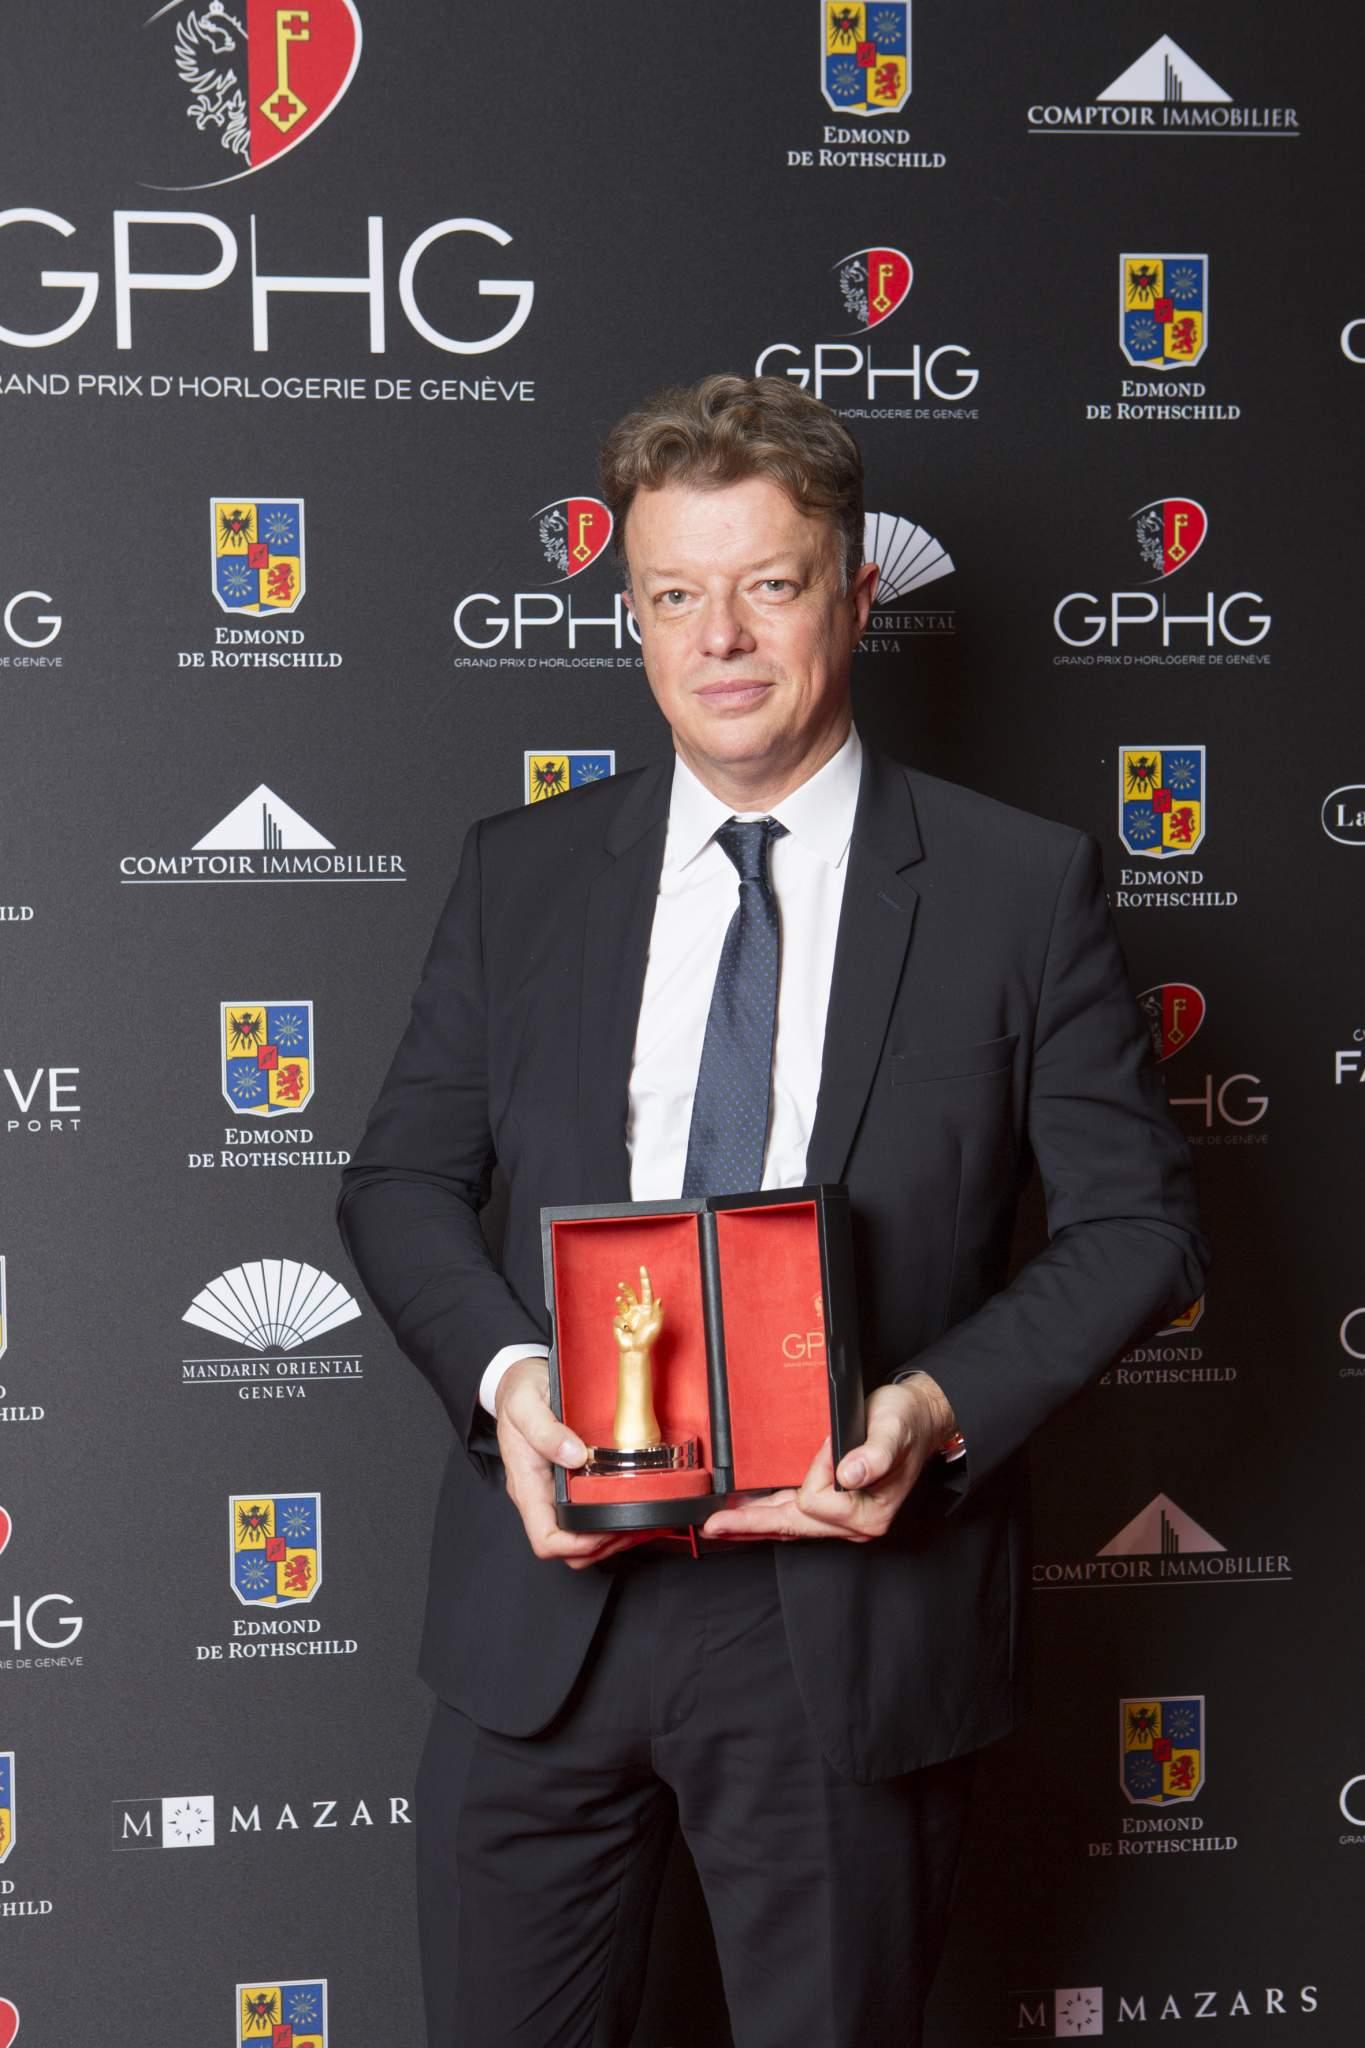 Nicolas Beau (Directeur International Horlogerie de Chanel, lauréat du Prix de la Montre Joaillerie 2016)